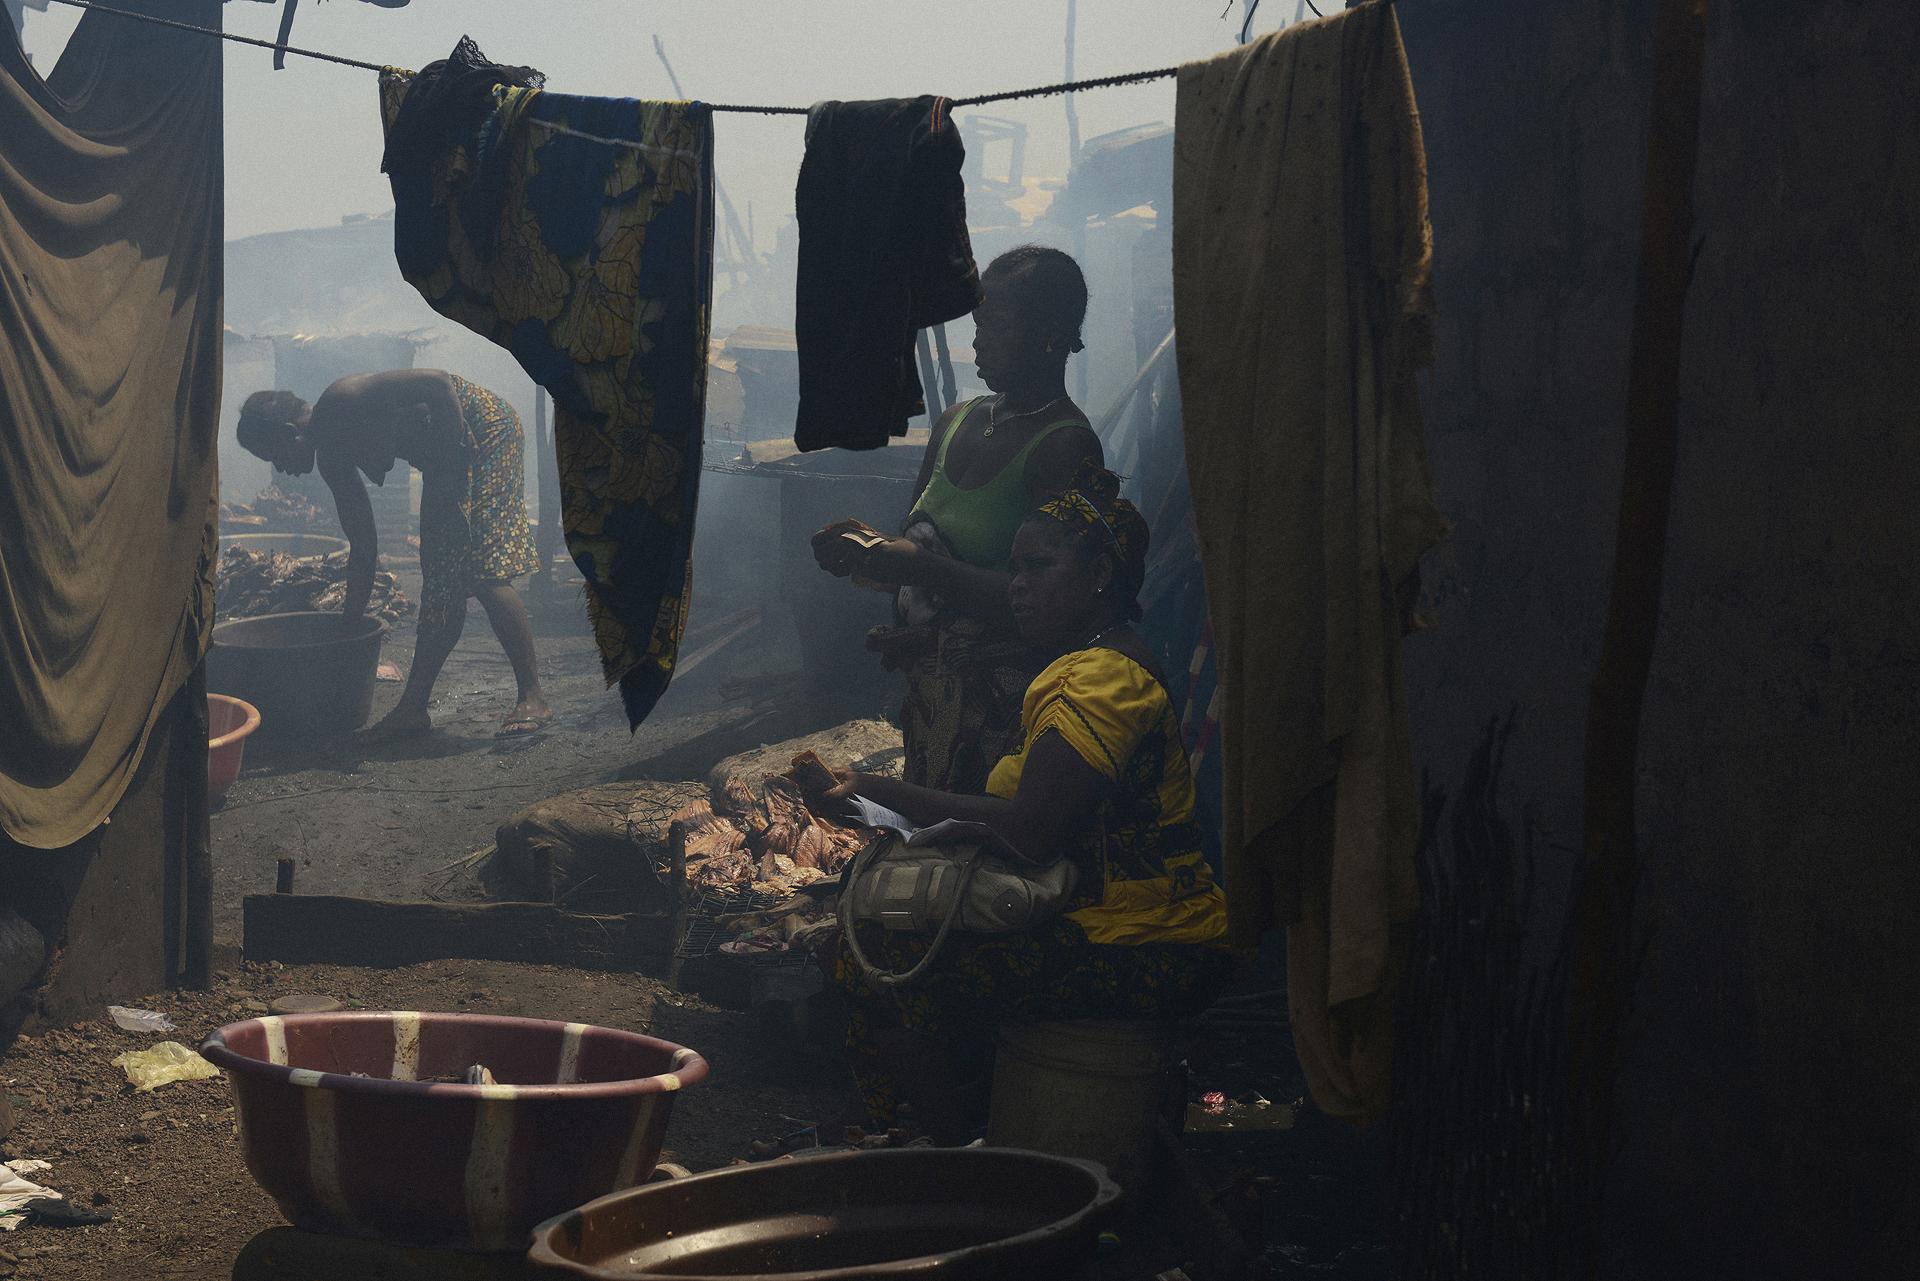 Sierra Leone. Freetown. La capital es una ciudad altamente poblada. La densidad de población y los suburbios ayudaron en la propagación del virus del ébola. También contribuyó la falta de higiene y las tradiciones y constumbres ancestrales y religiosas, como la de lavar y tocar efusivamente a sus muertos. Precisamente en los cadáveres es donde más activo y virulento es el ébola. En la imagen unas mujeres comercian con carne en el suburbio de pescadores de Moa Wharf que fue el epicentro del ébola en la ciudad.